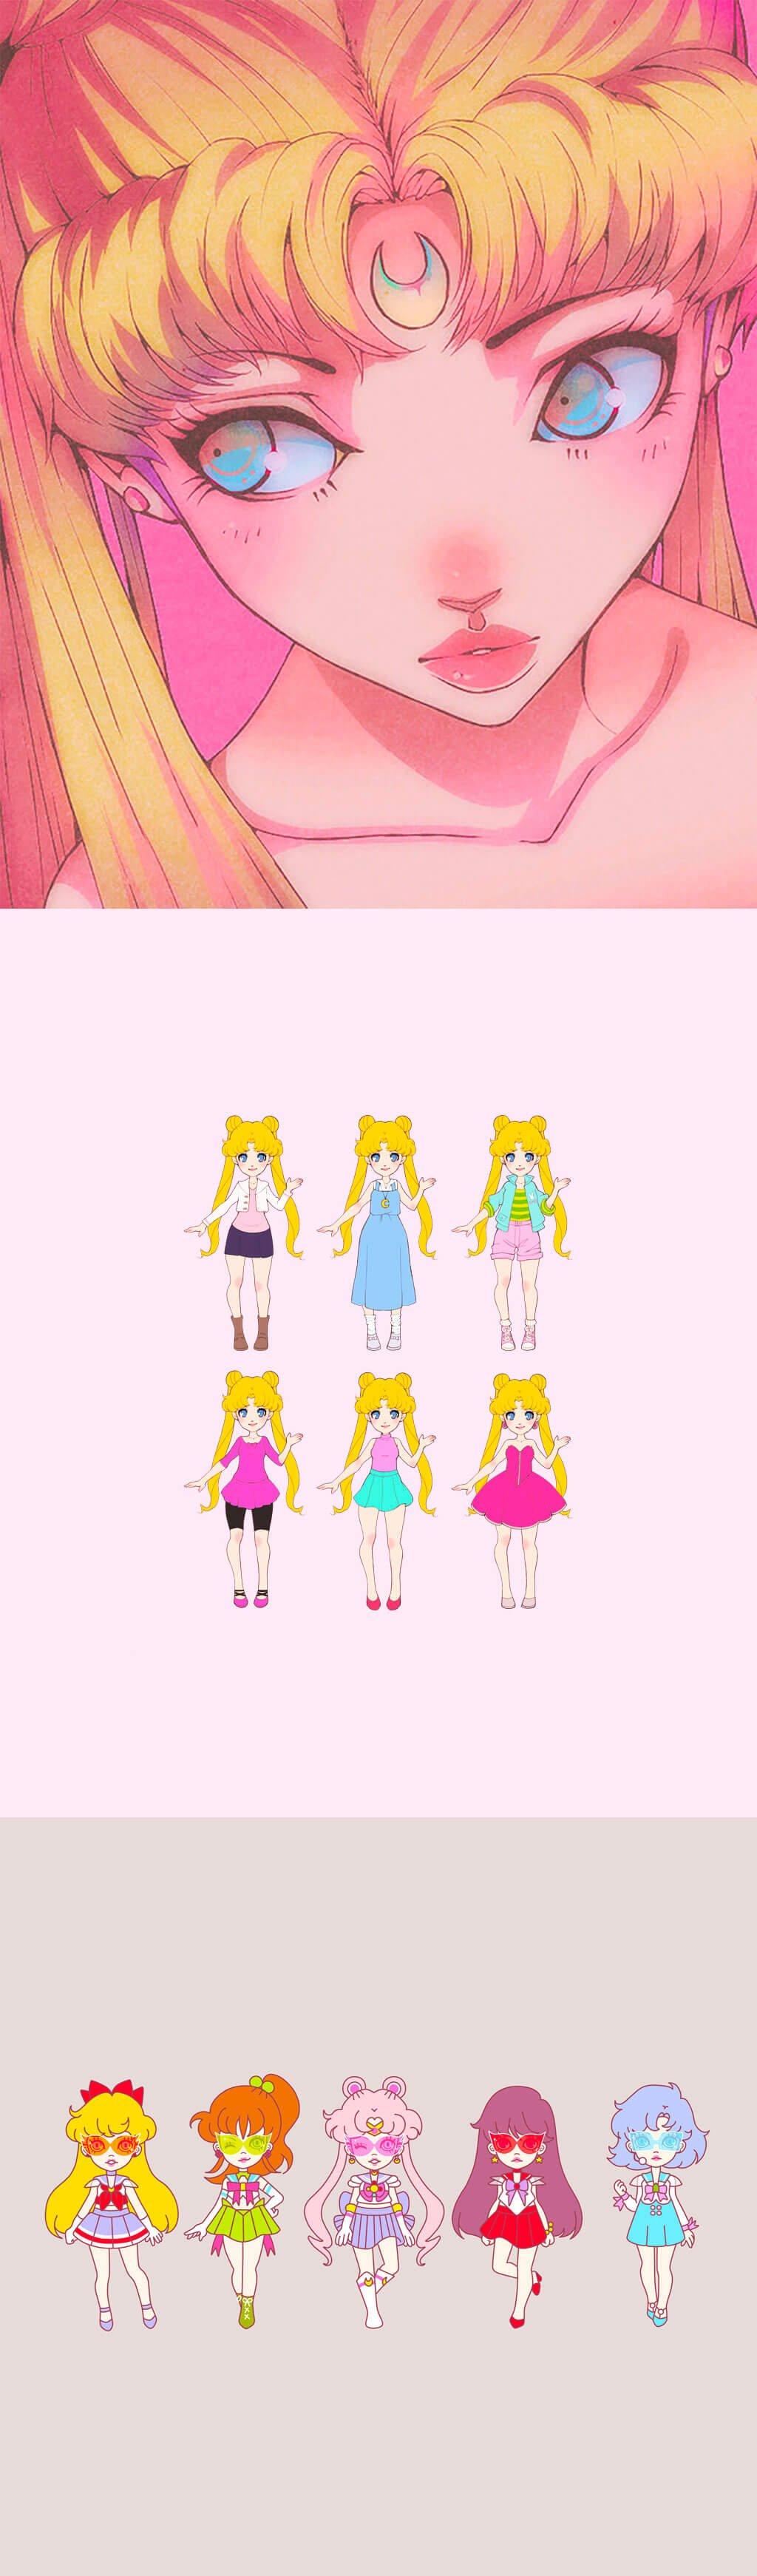 Sailor Moon Fan Art by Pterodactyl